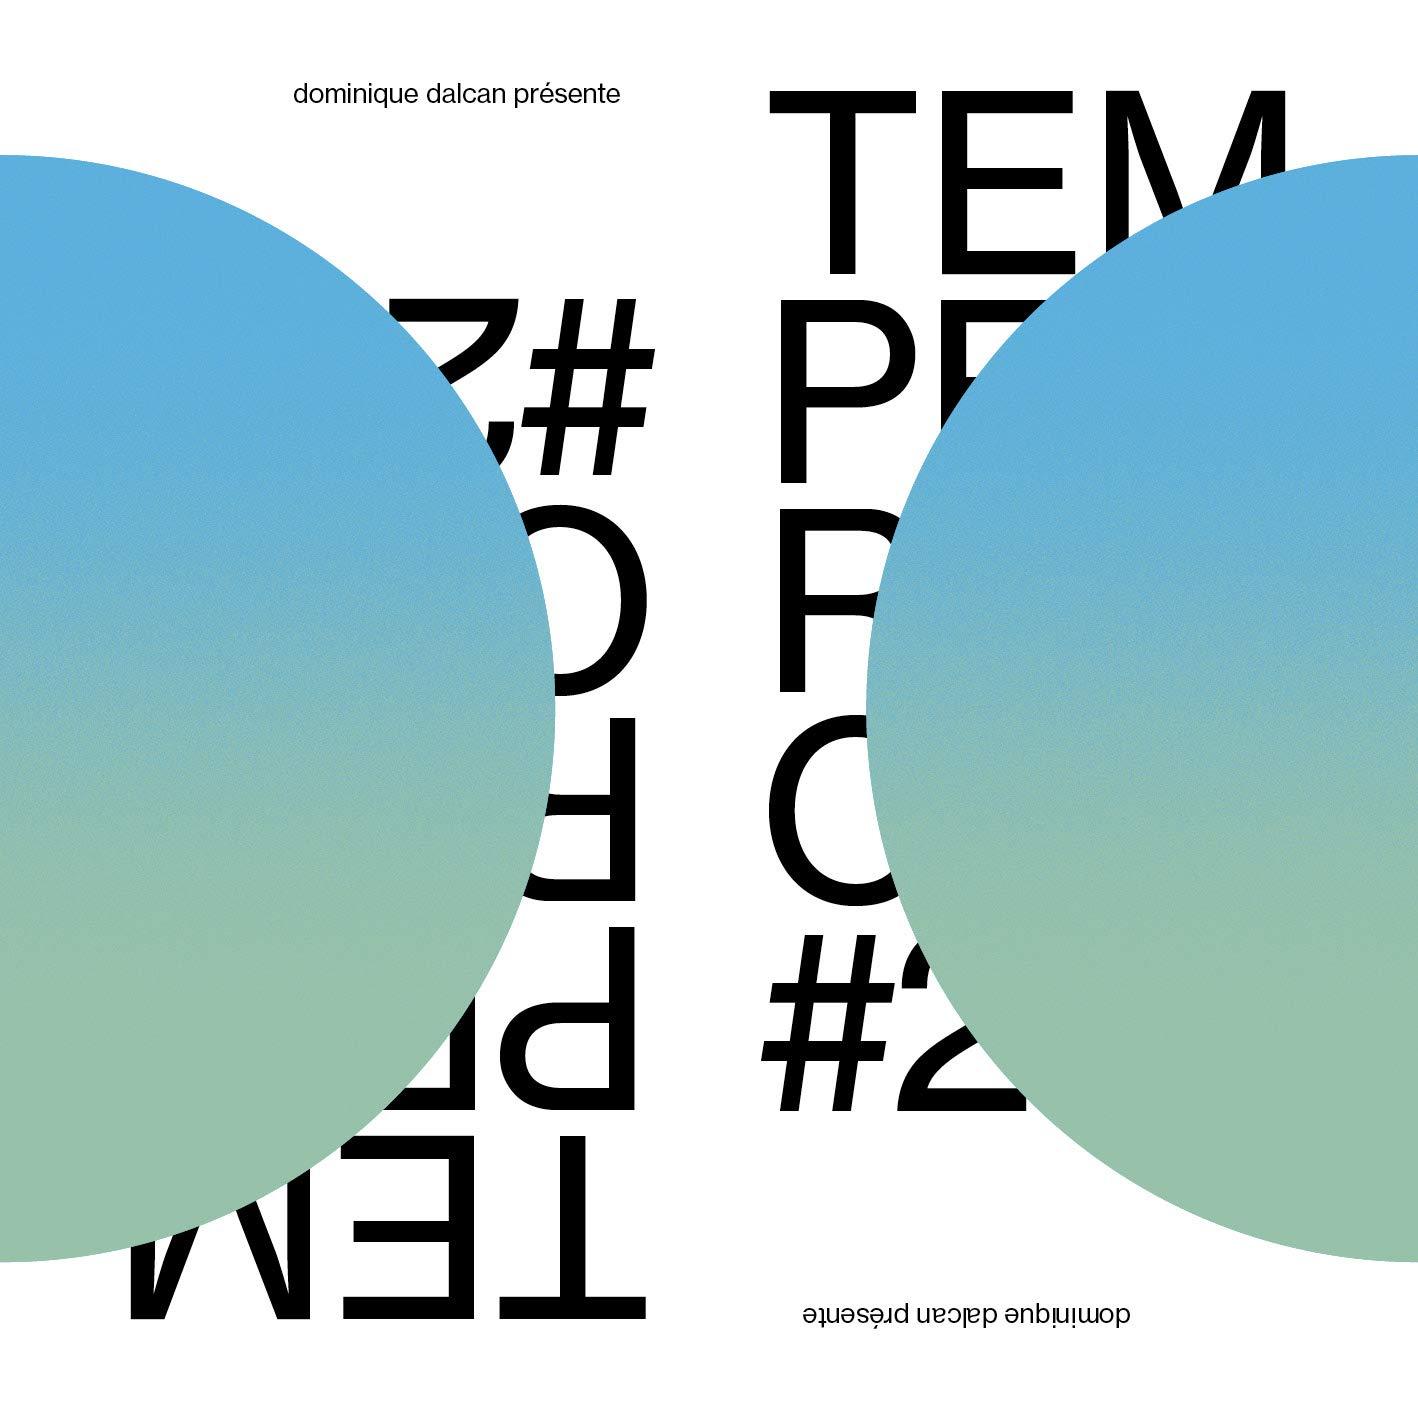 Dominique Dalcan Presents: Temperance - Temperance Volume 2